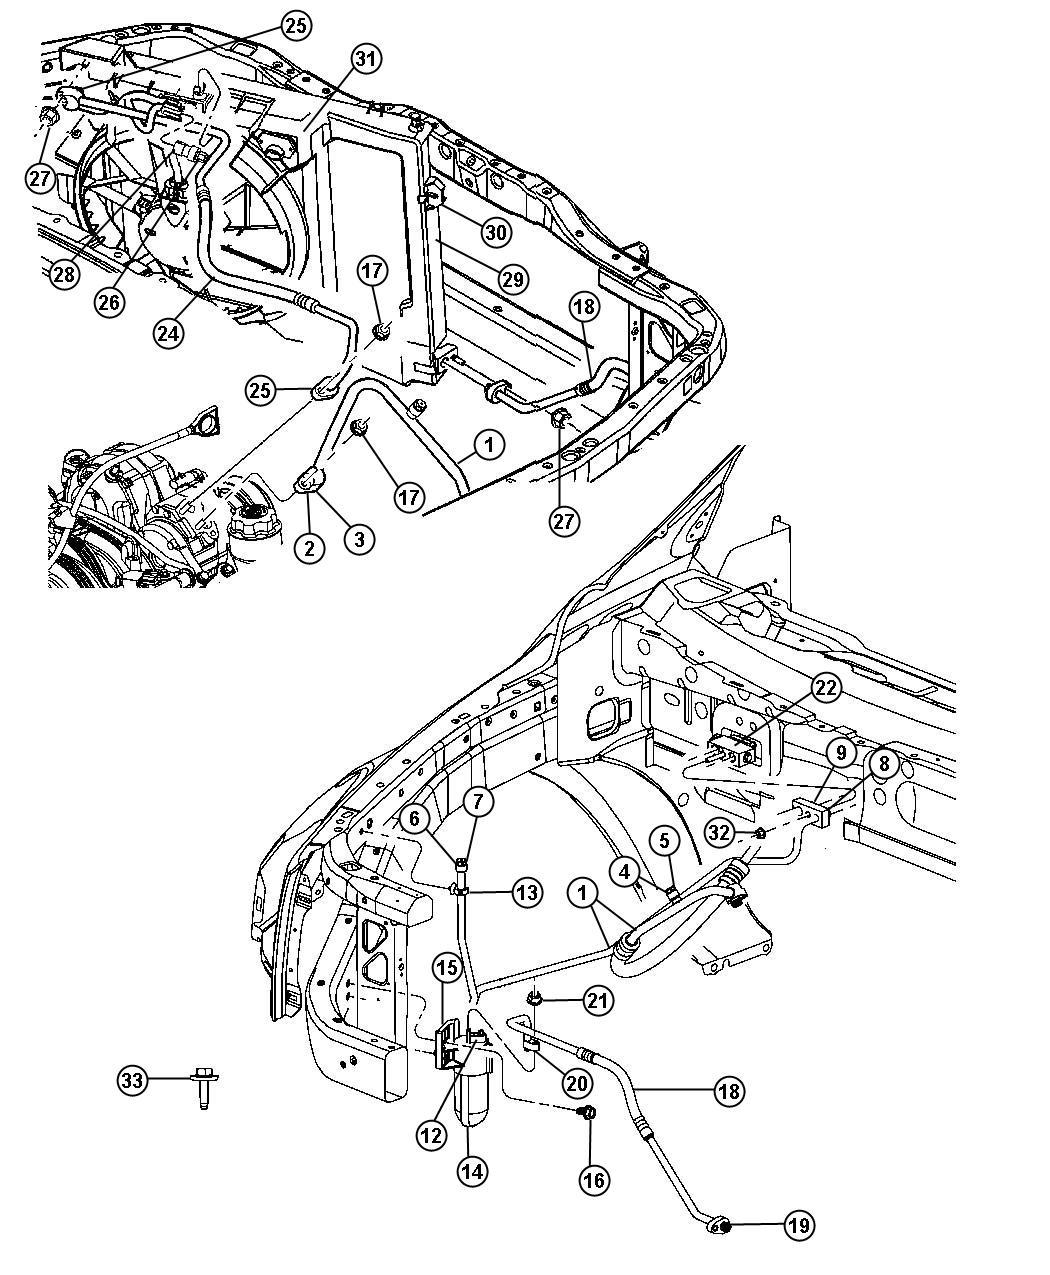 Dodge Durango Condenser Air Conditioning Plumbing